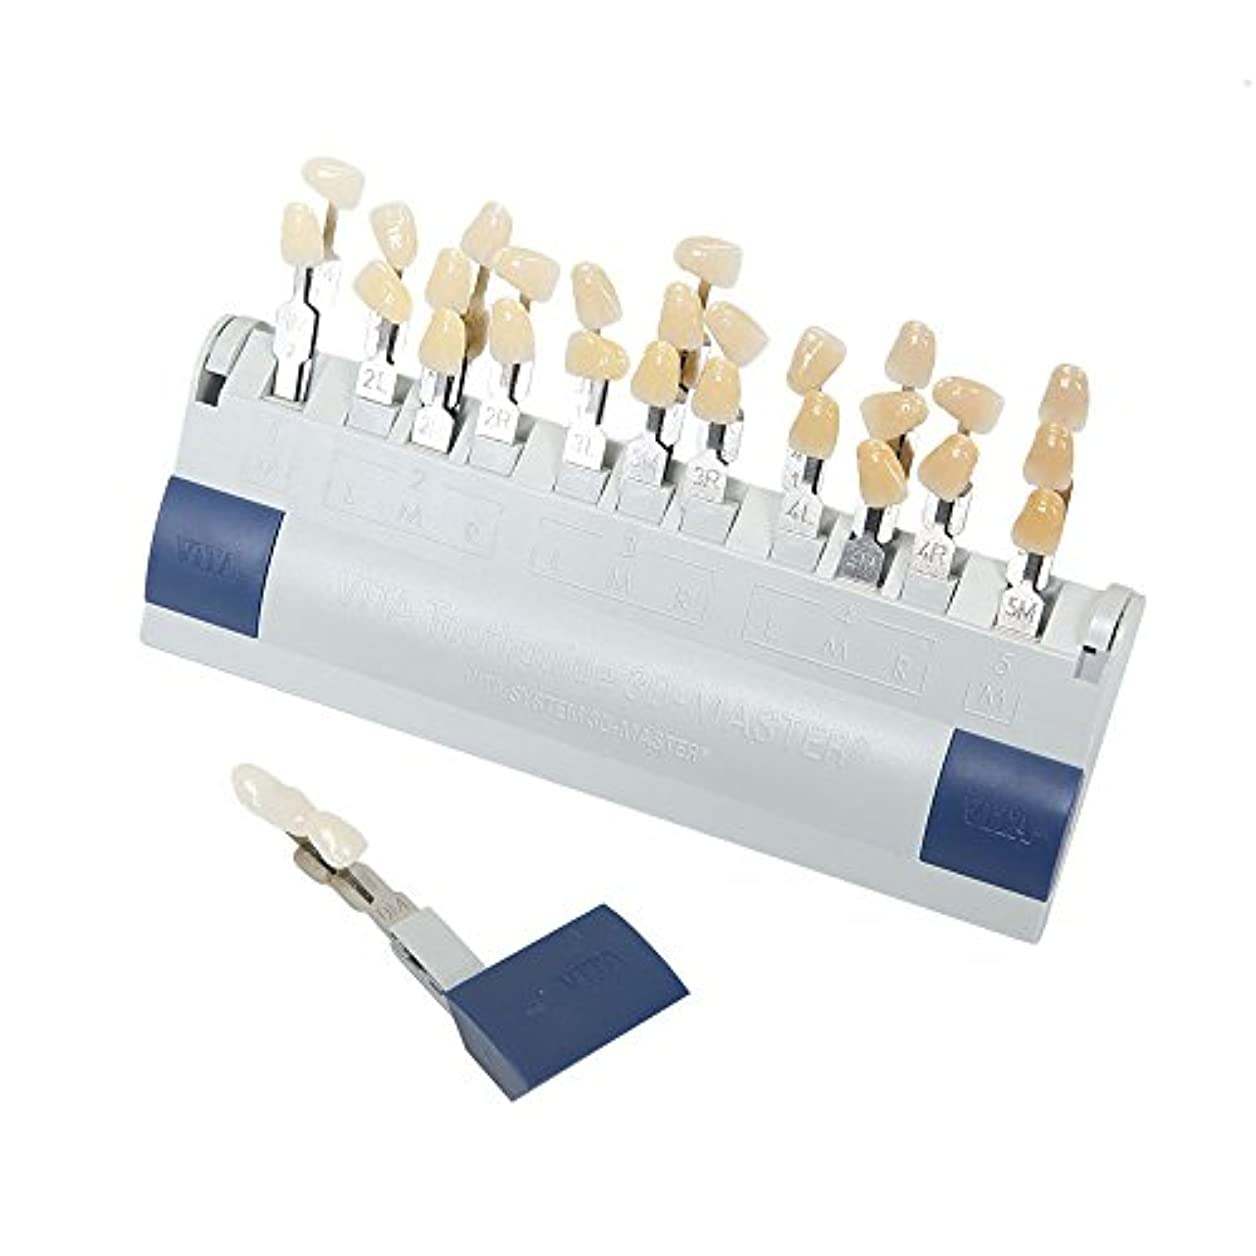 狂う忍耐染色VITA 歯科ホワイトニング シェードガイド 29色 3D 歯列模型ボード